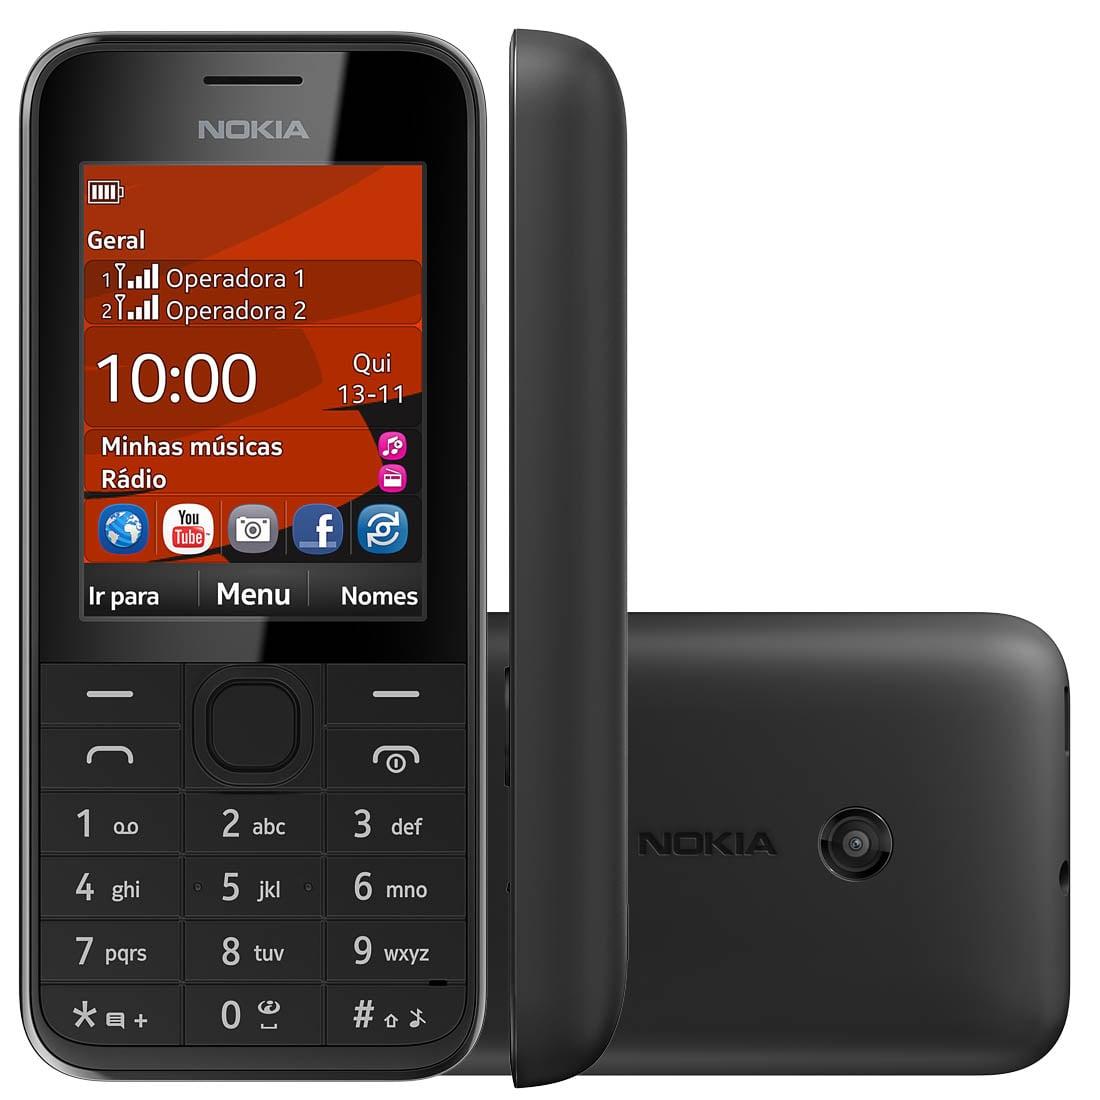 נפלאות טלפון סלולרי נוקיה 208 Nokia כשר - נוקיה Nokia LA-09